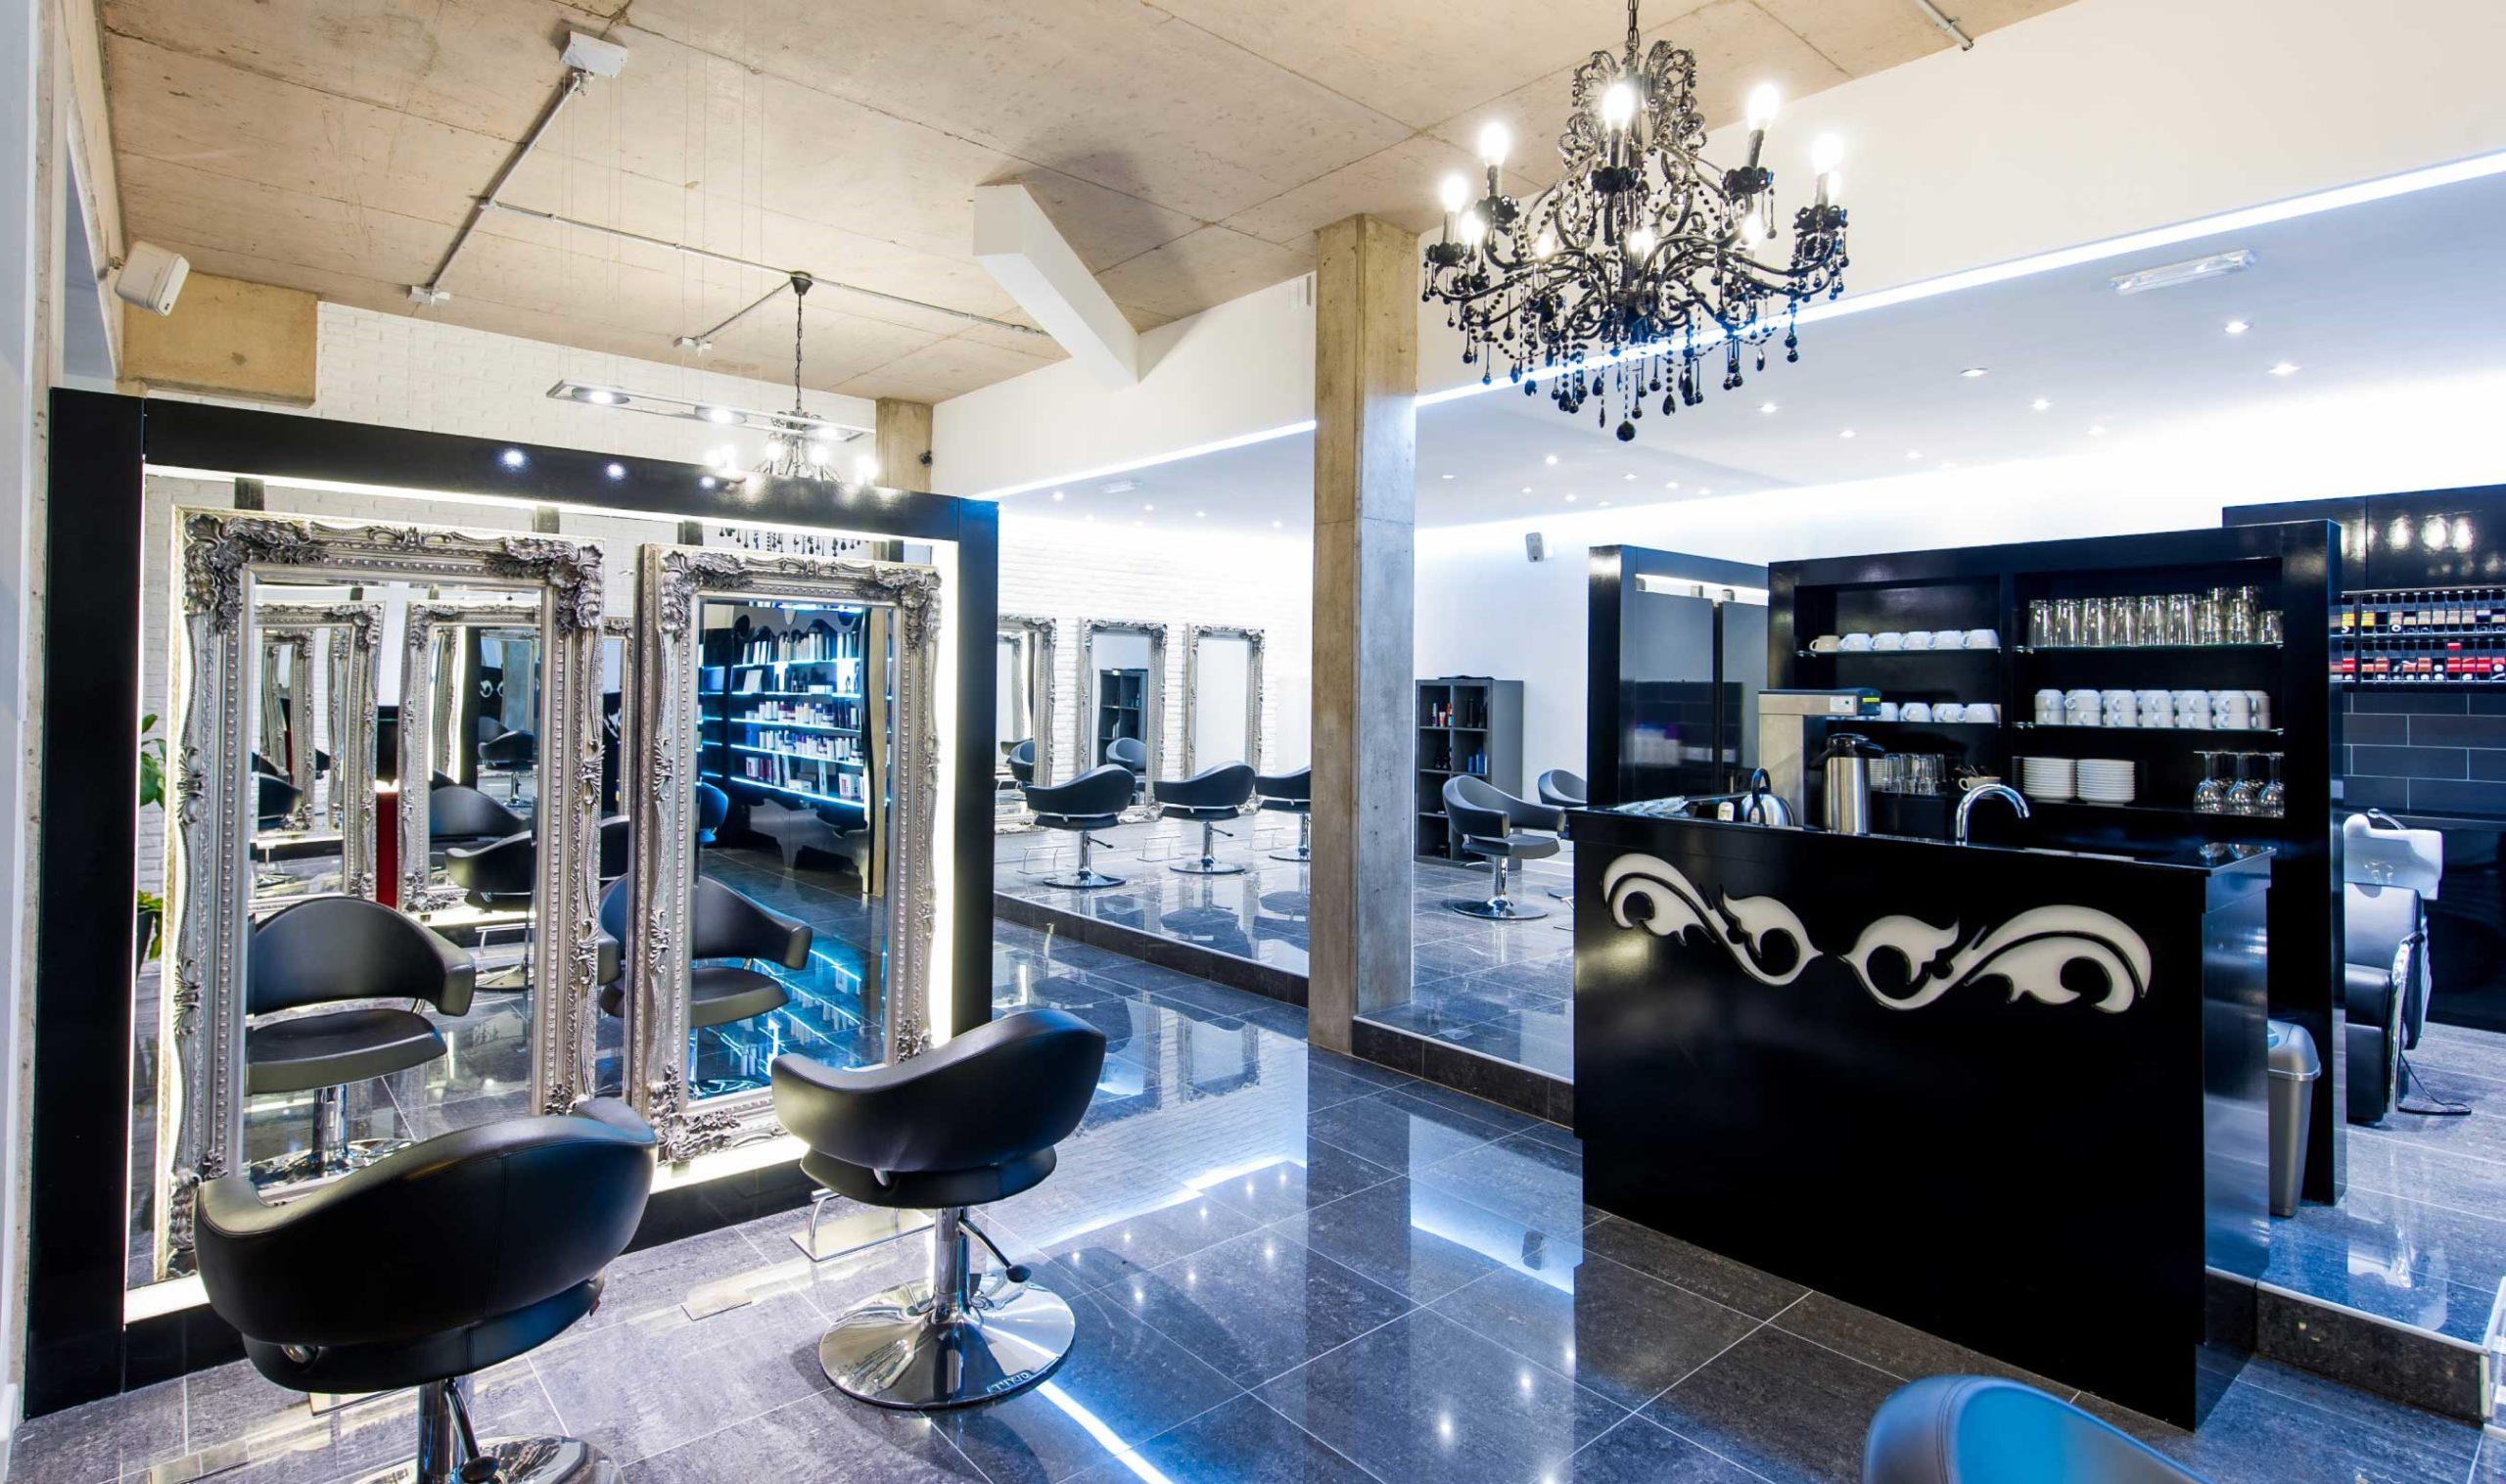 Mobilier coiffure: assurez-vous que les couleurs des meubles vont bien ensemble.